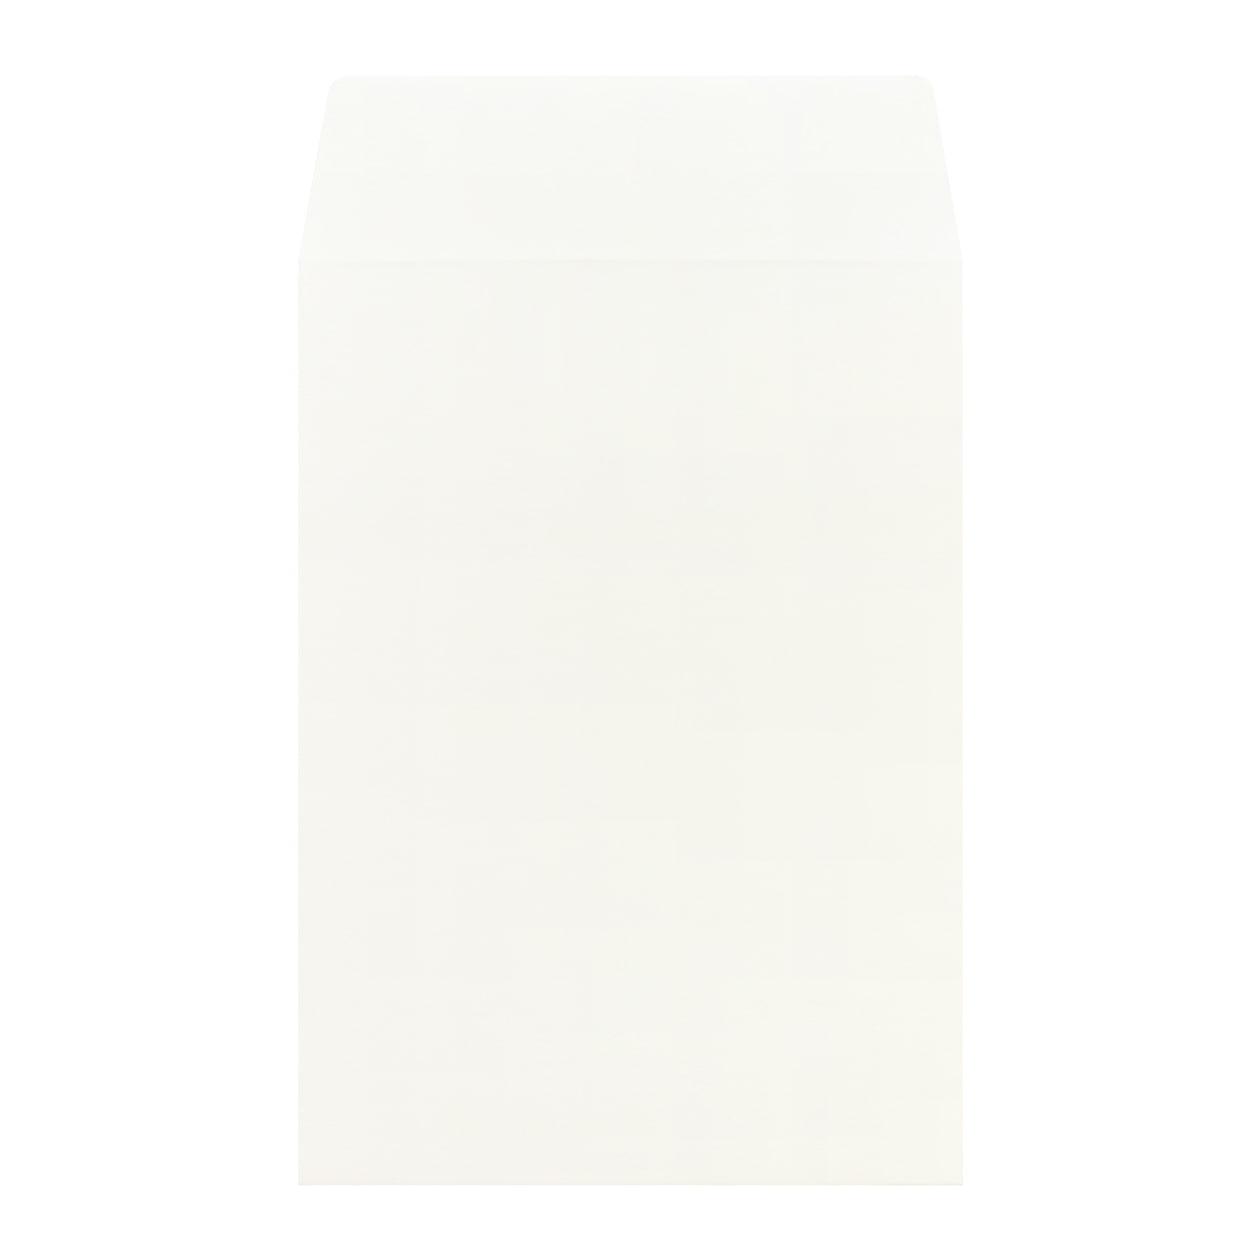 角6封筒 HAGURUMA Basic ソフトクリーム 100g